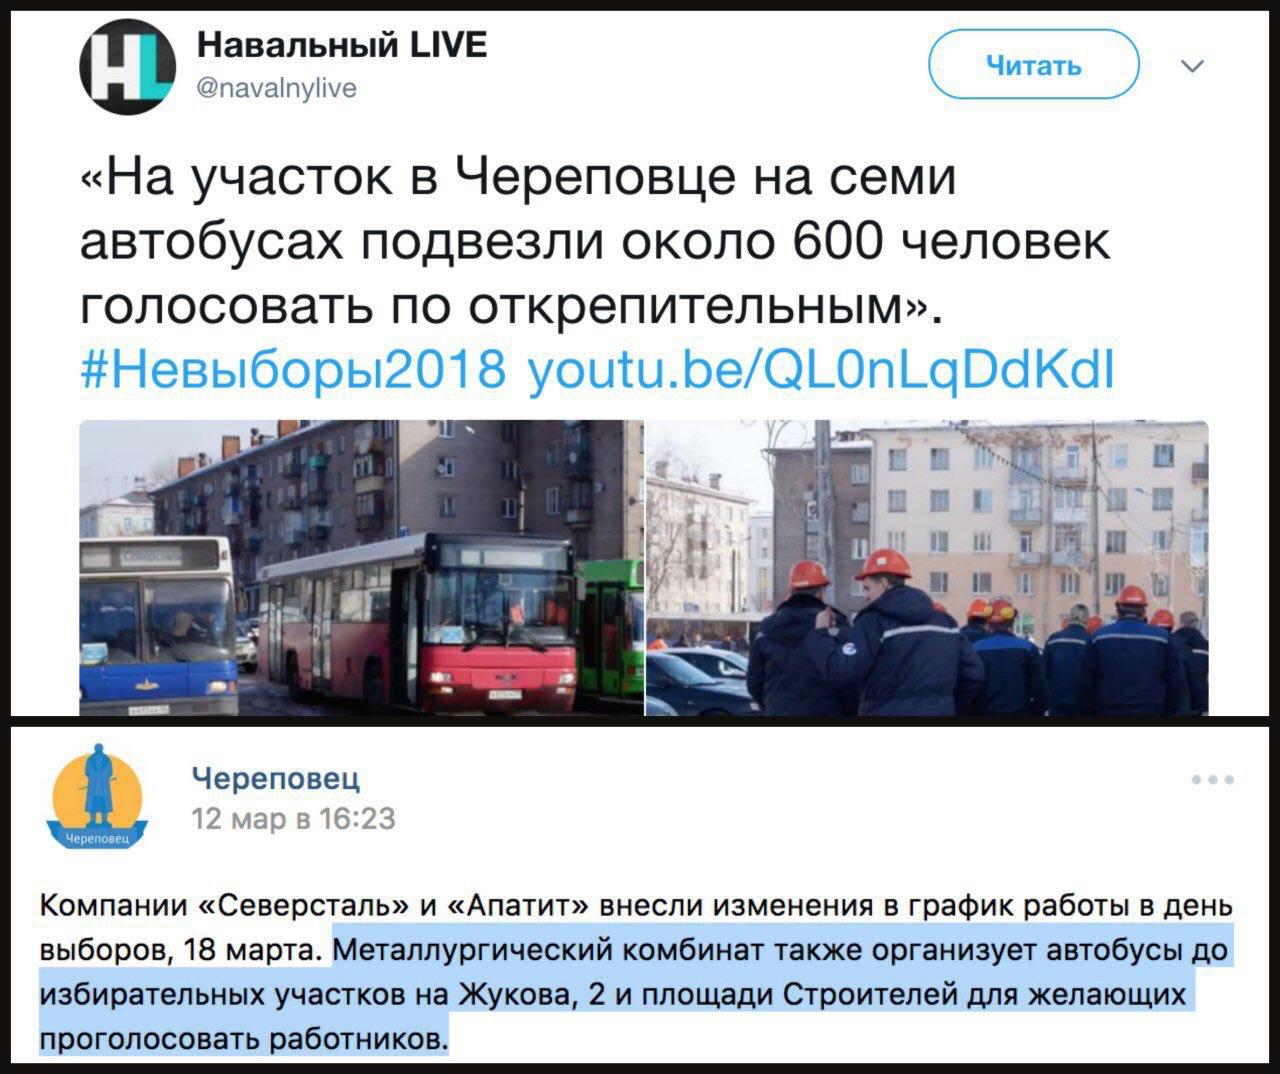 Провокации Навального провалились: выборы сорвать не удалось